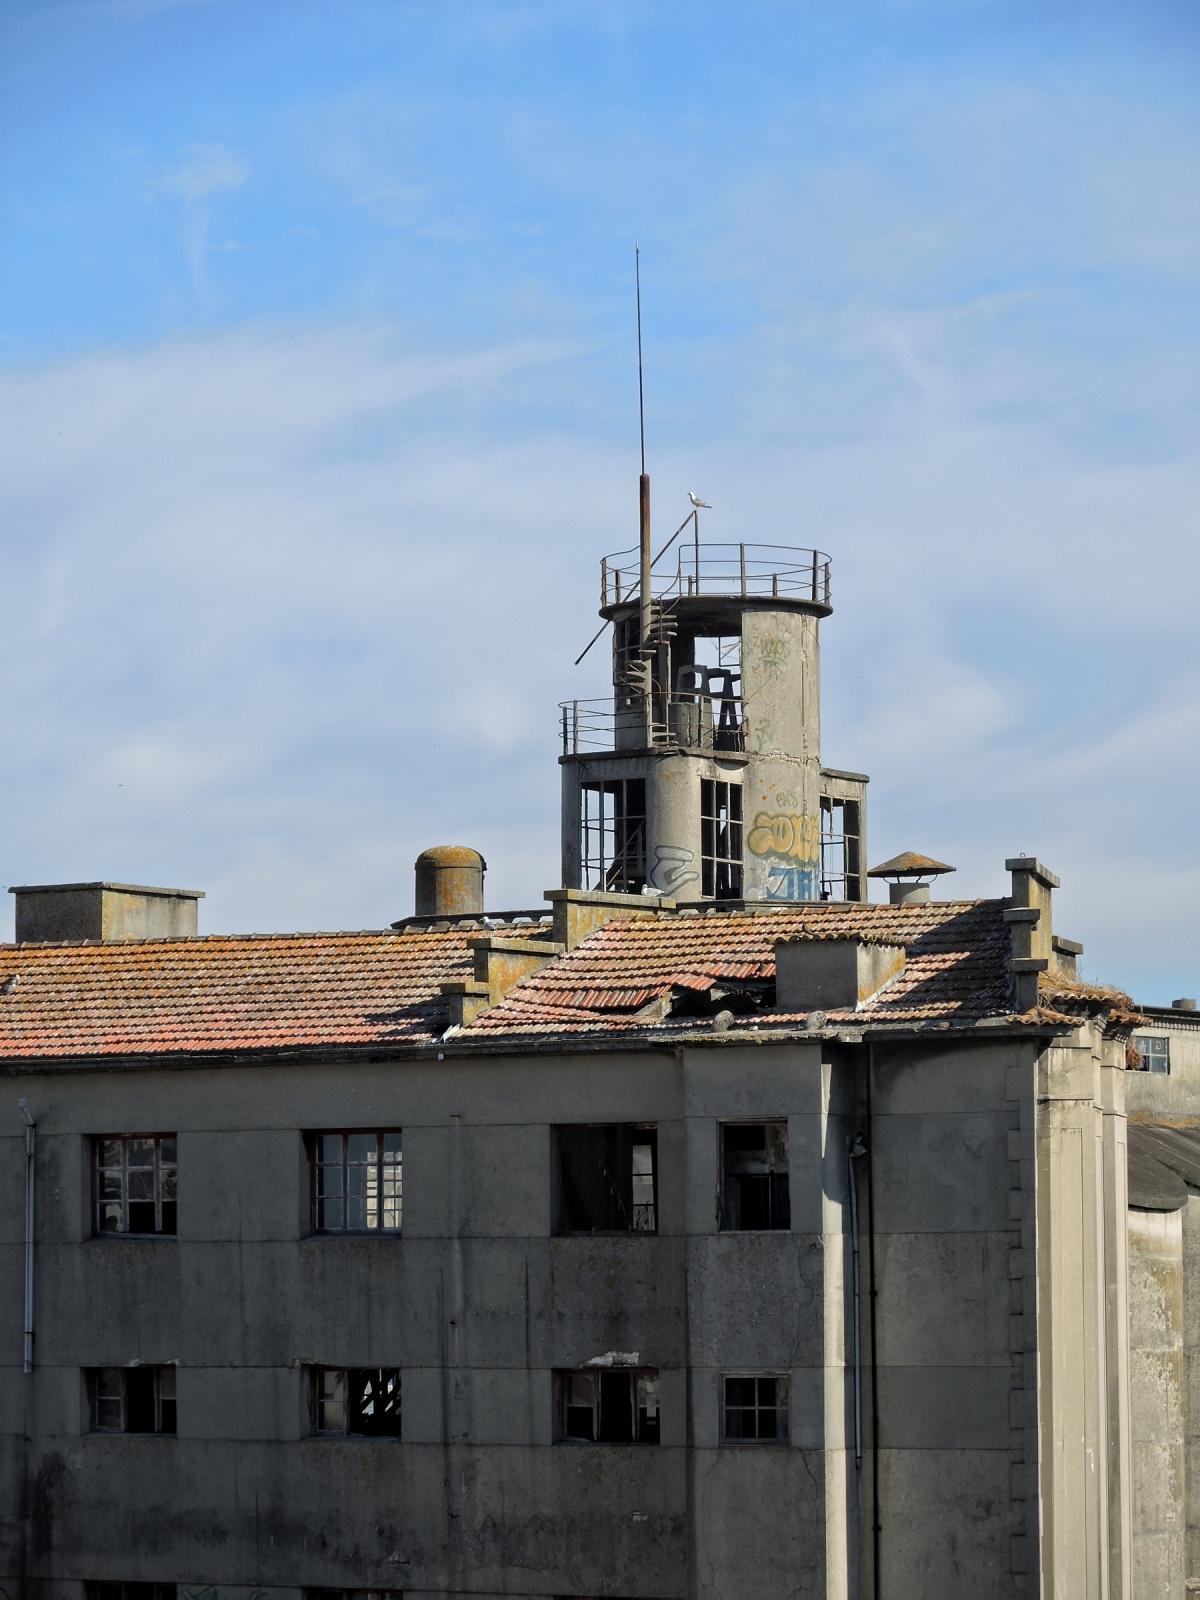 La nueva Panificadora de Vigo | Jorge Salgado y Celso López recuperarán el emblemático edificio – Faro deVigo